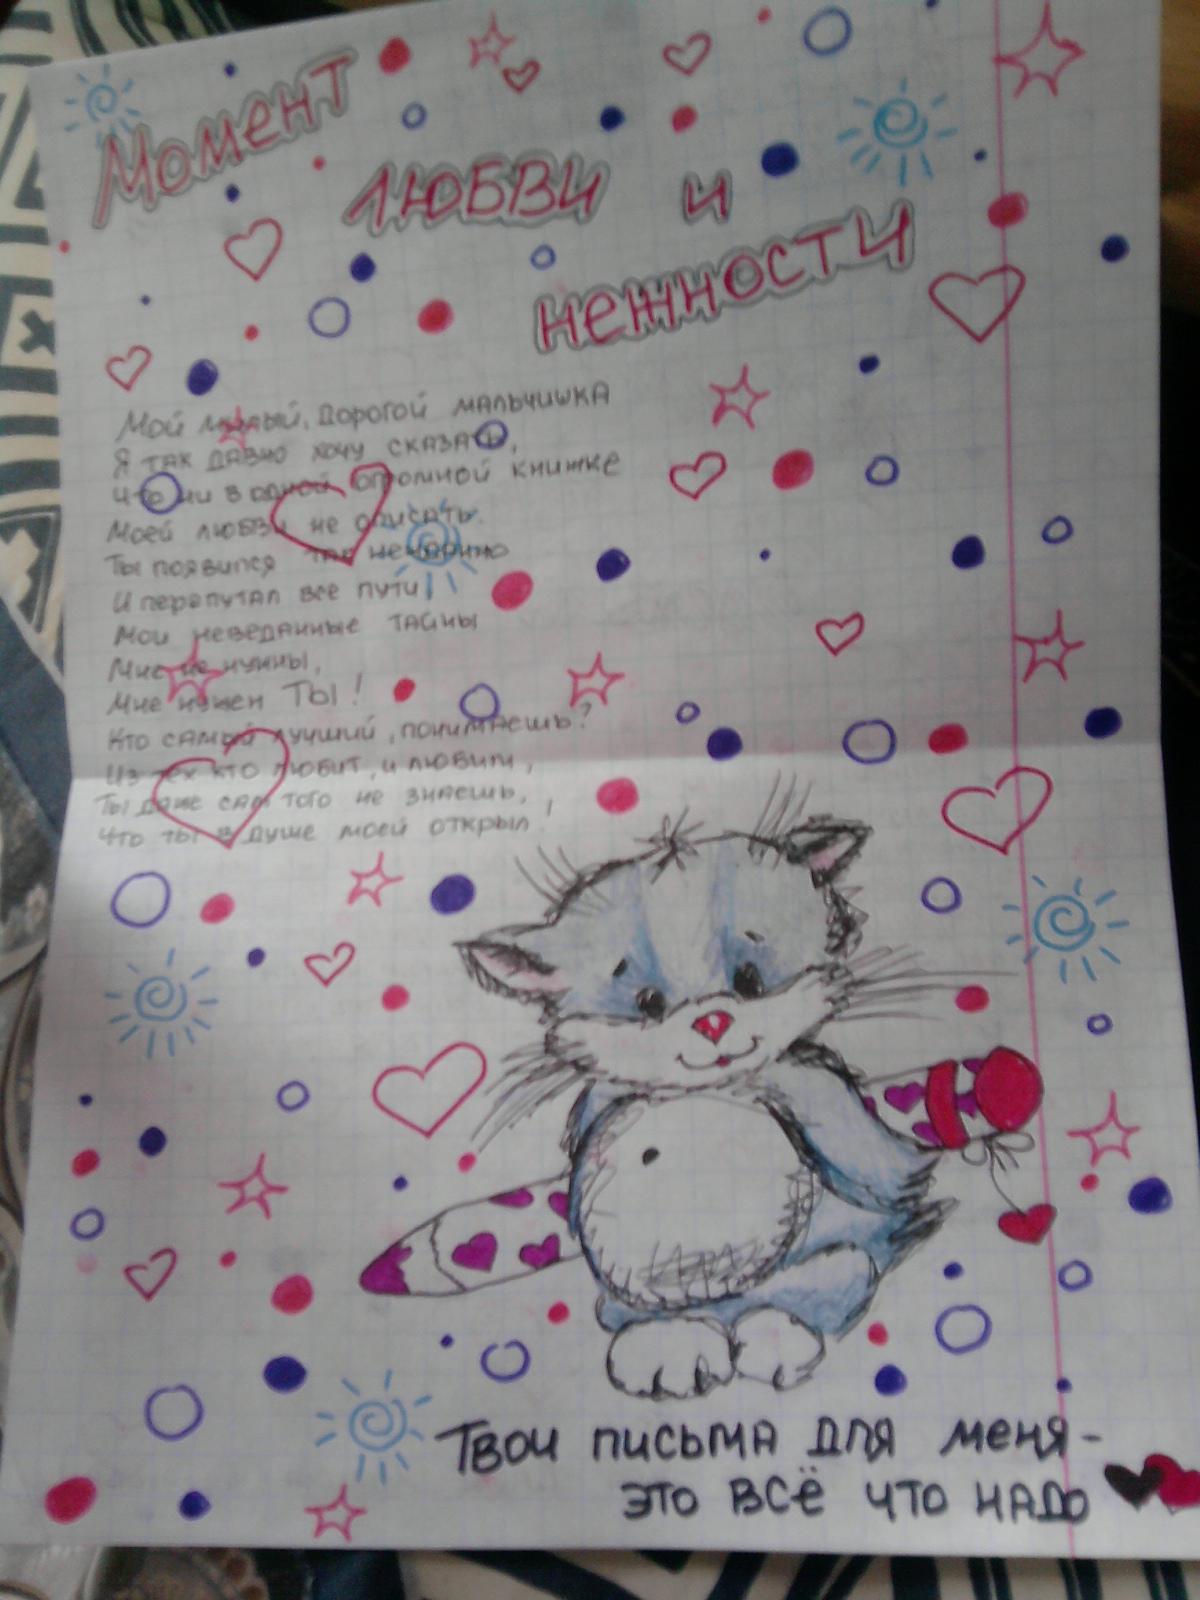 романтические послания для знакомства